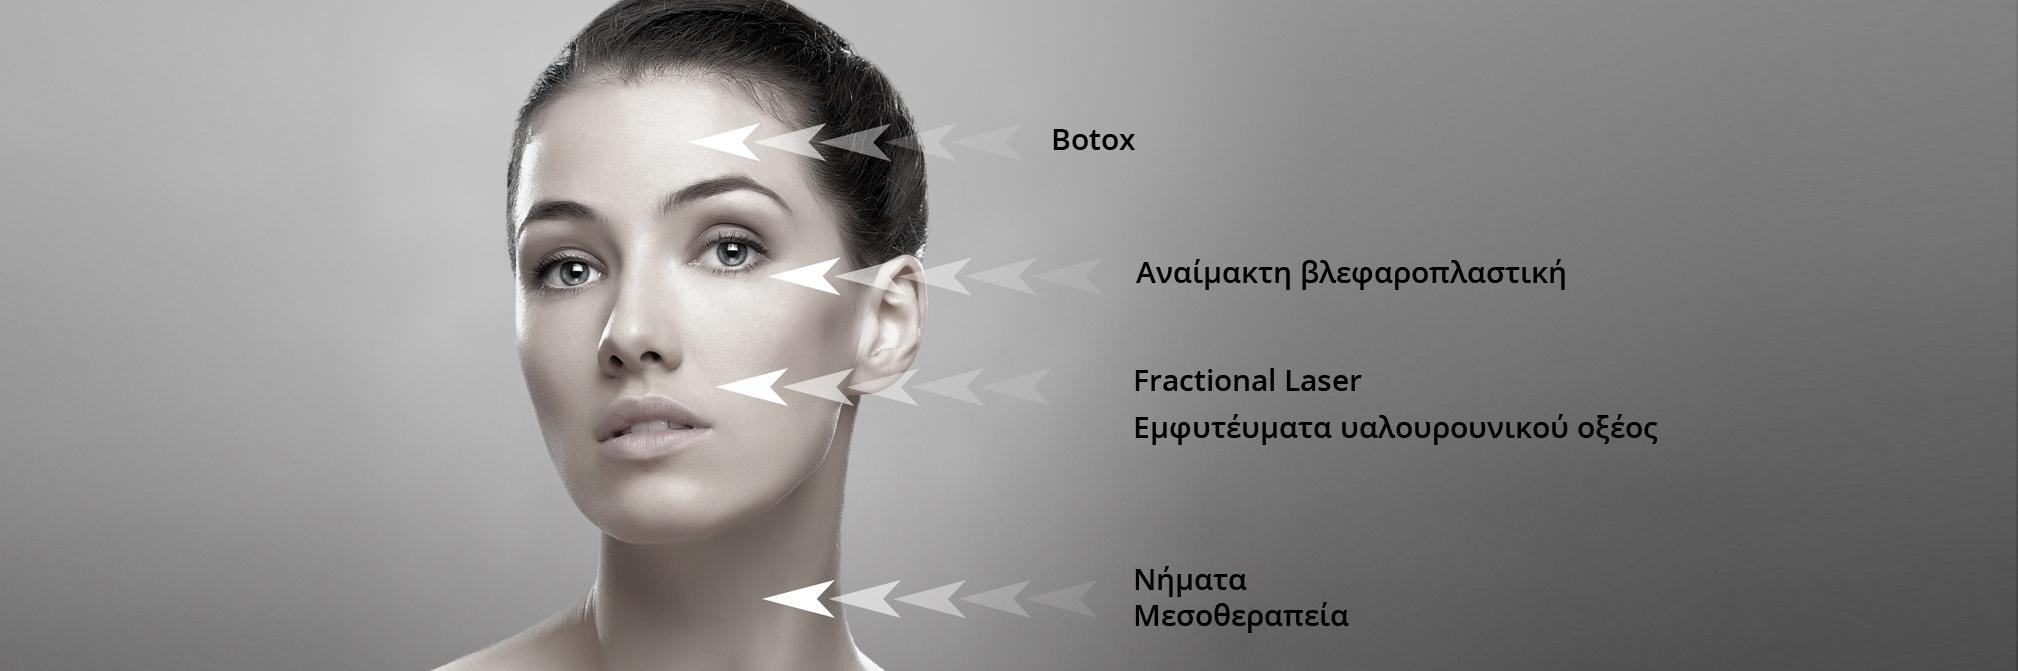 Botox, Fractional Laser